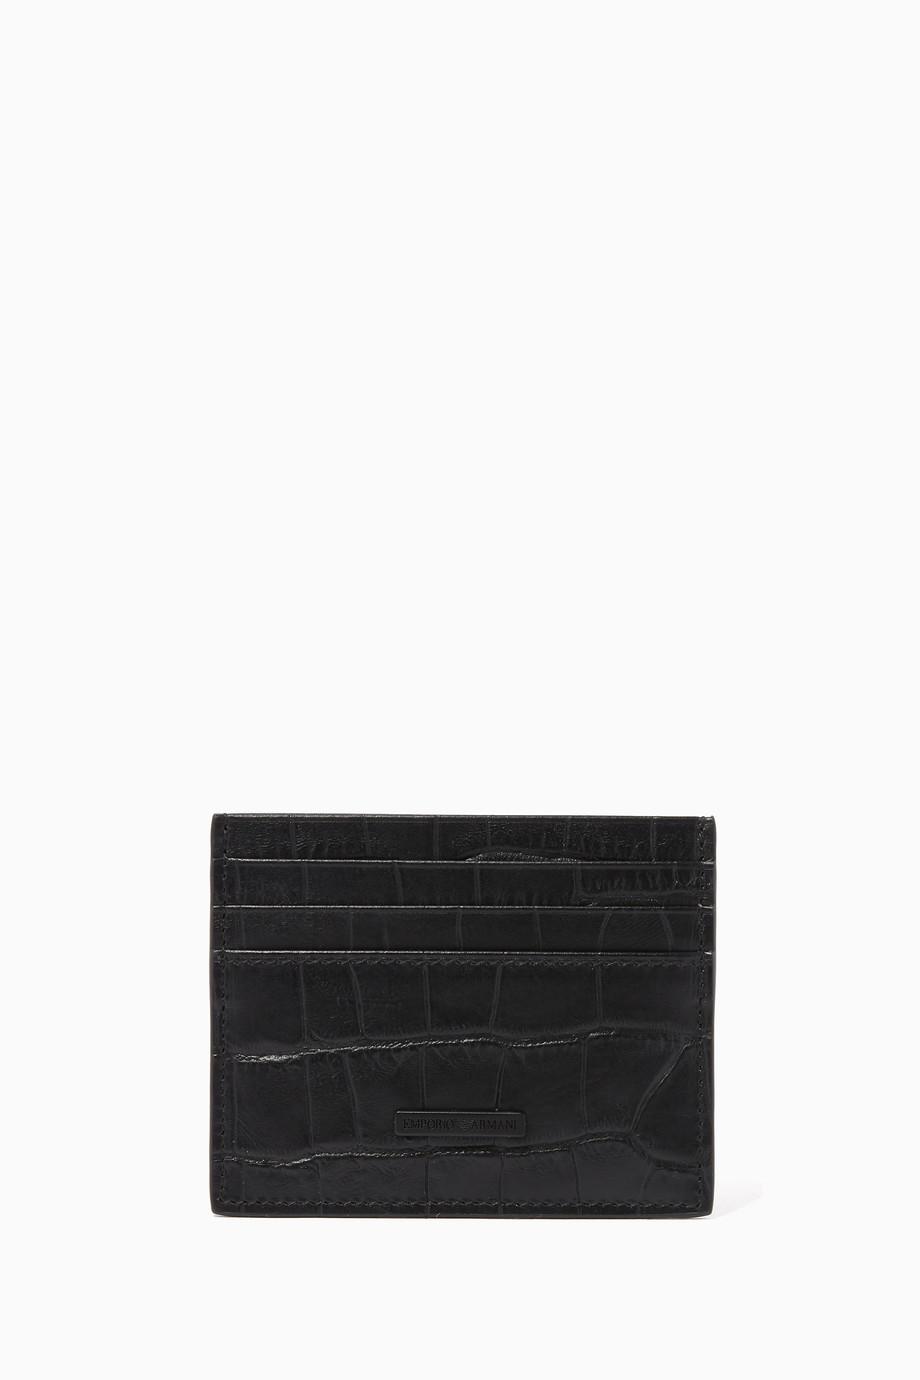 cba5785839 Shop Emporio Armani Black Crocodile-Effect Leather Cardholder for ...